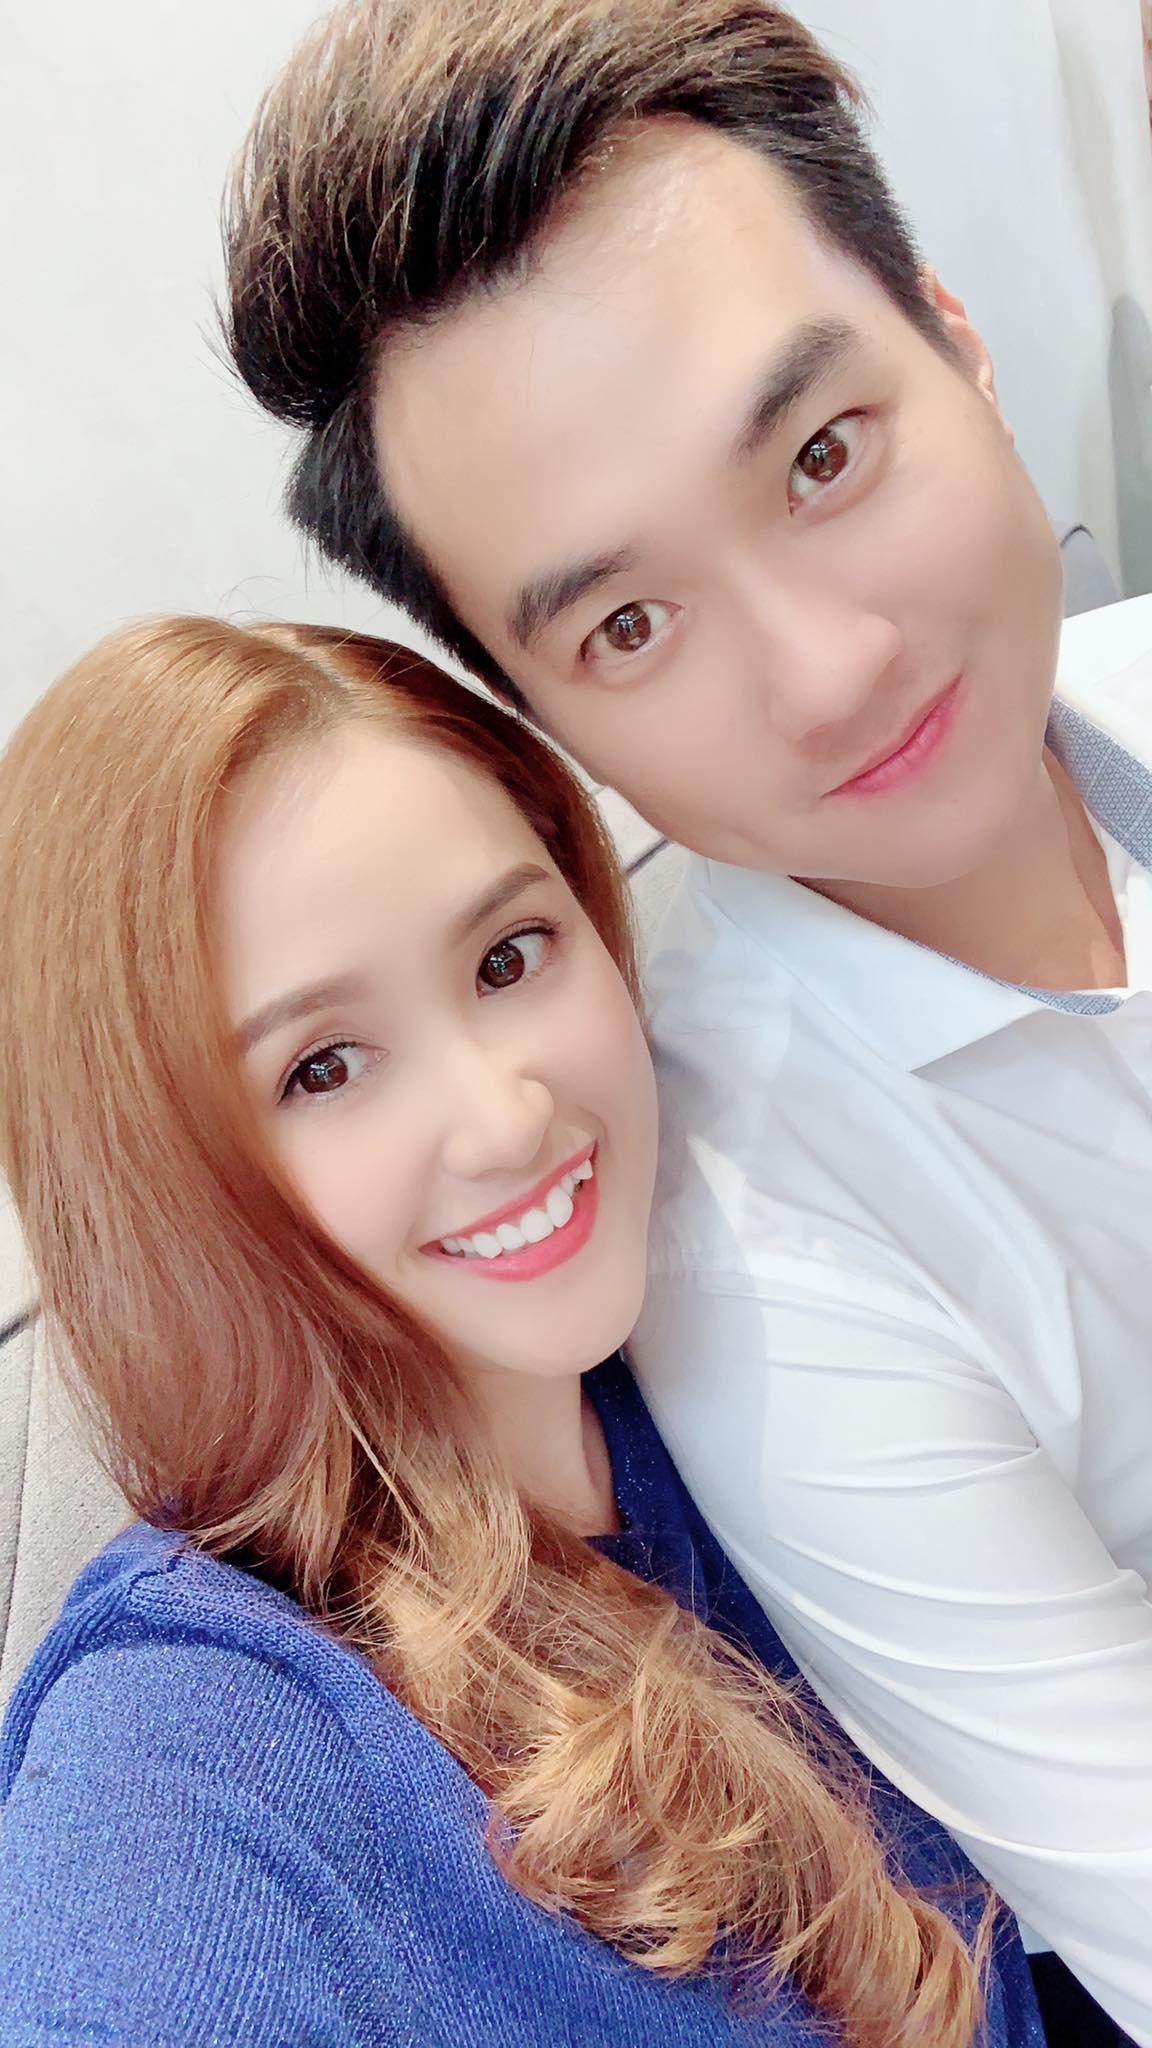 """Hoa hậu Mai Phương Thúy và Phương Hằng """"Gạo nếp gạo tẻ"""" lại giống nhau như chị em một nhà - Ảnh 1."""